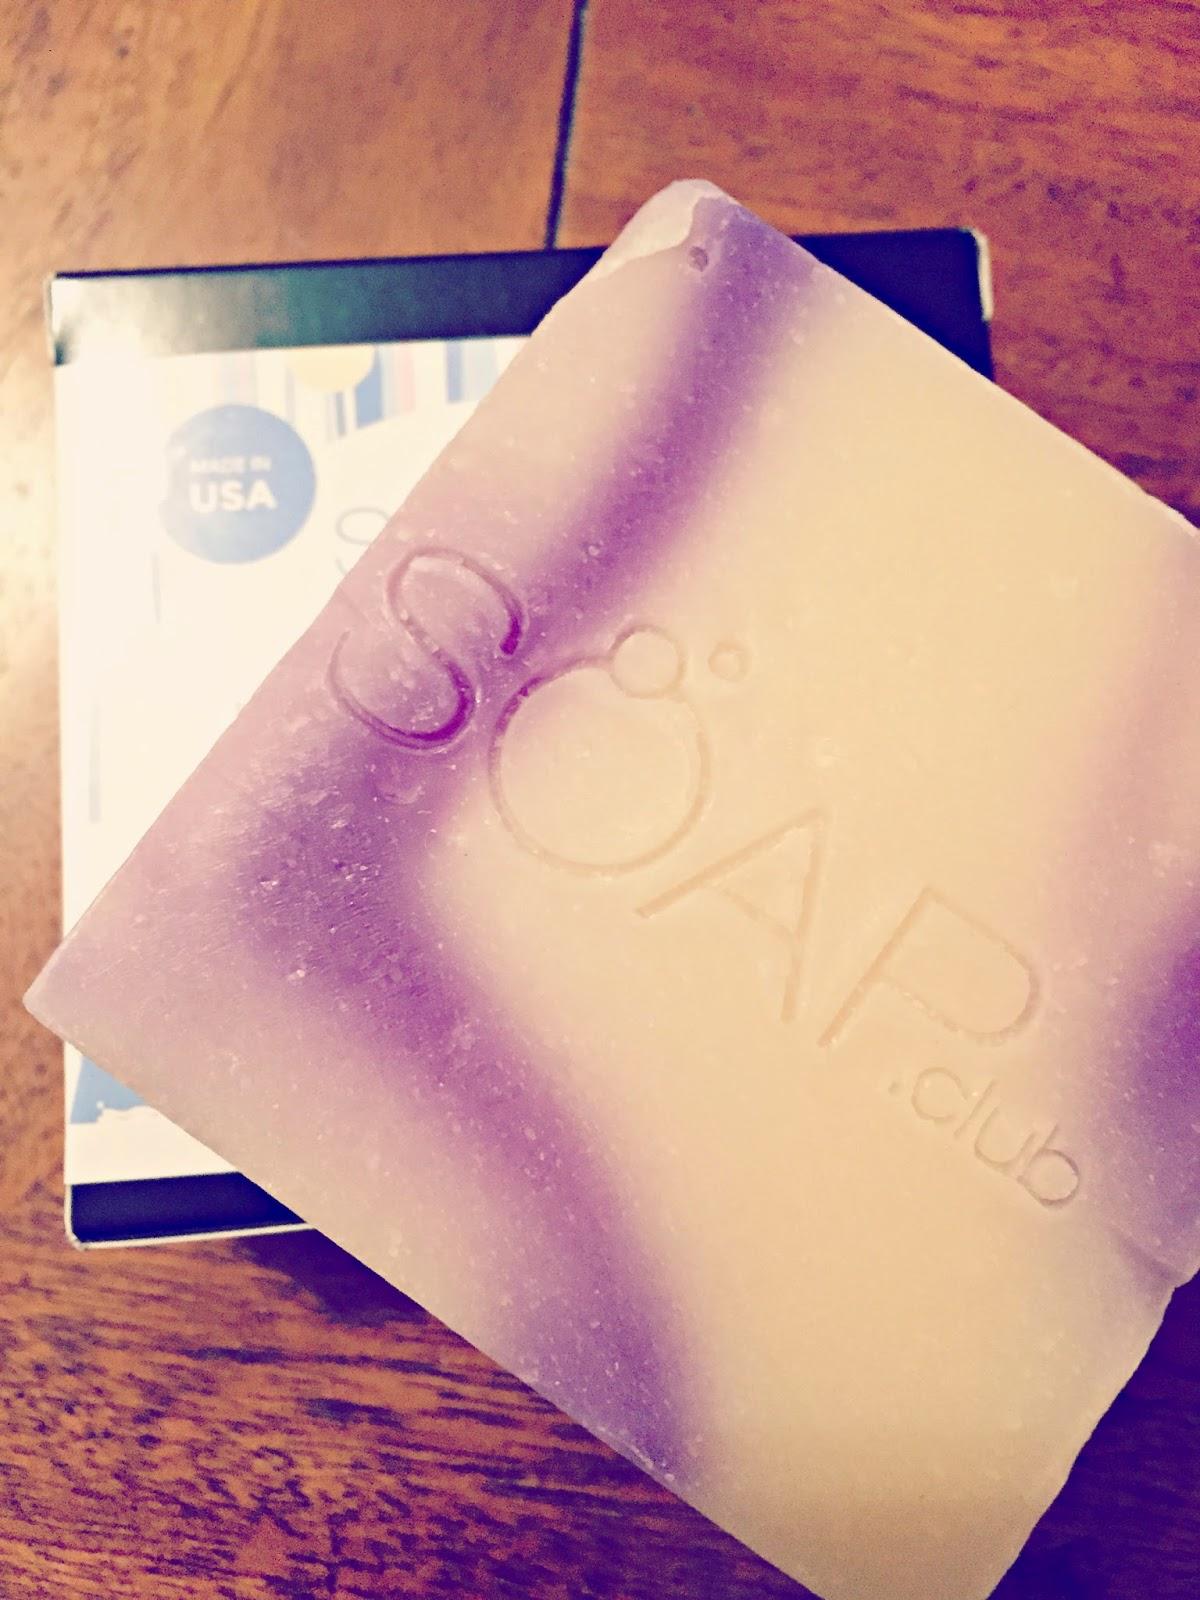 lavender-lull-artisan-soap